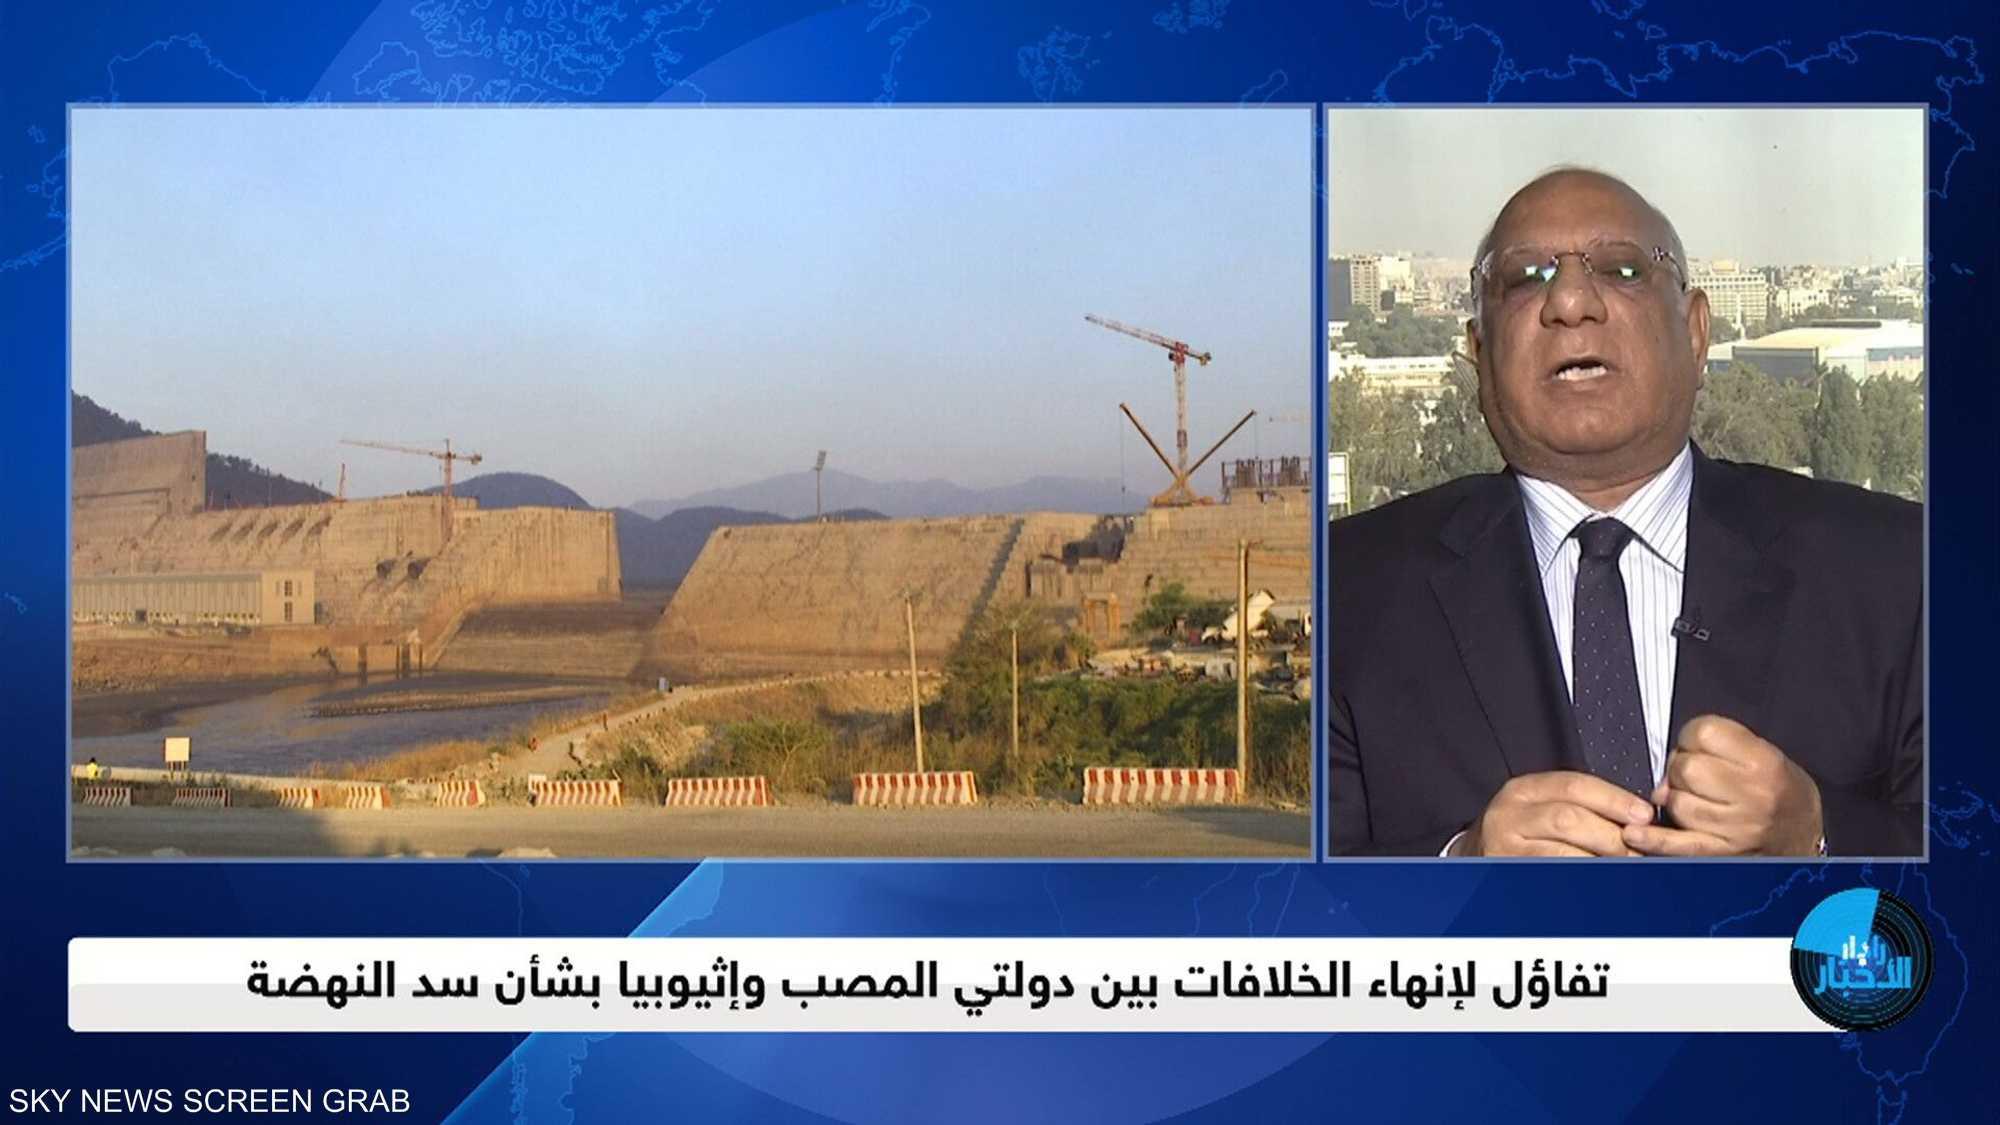 مجلس الأمن الدولي يعقد جلسة مفتوحة بشأن مفاوضات سد النهضة